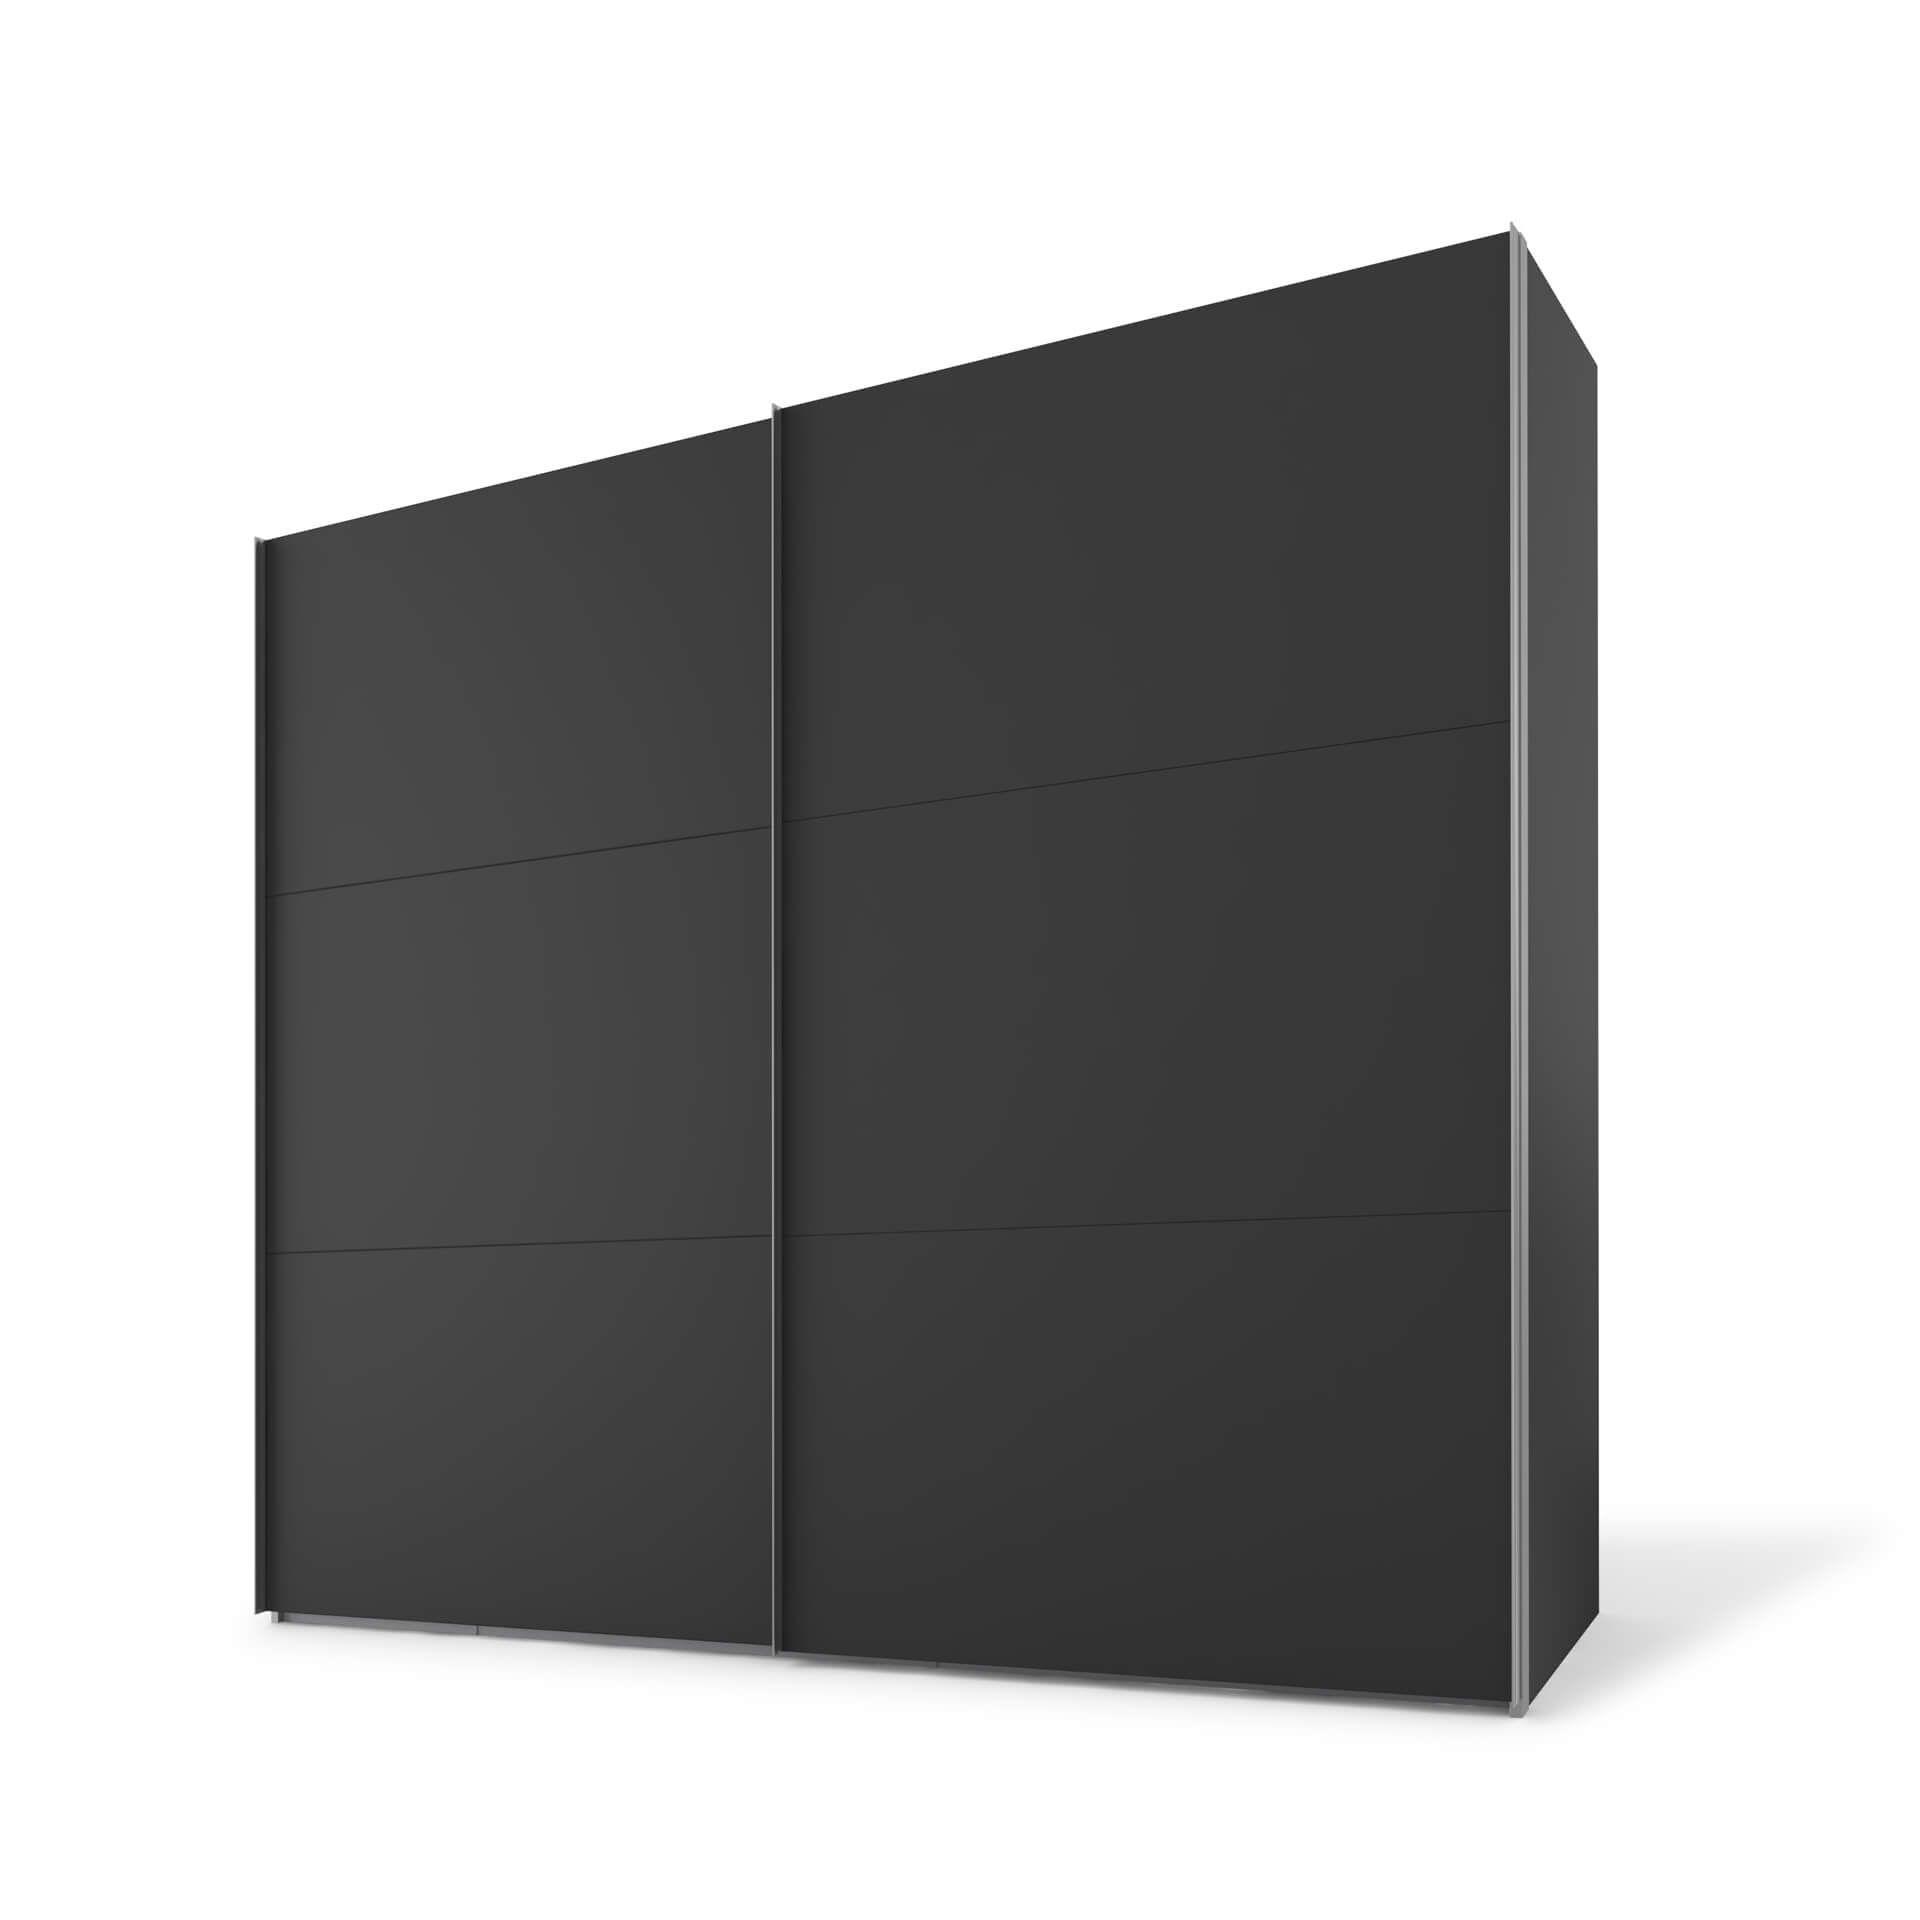 Nolte swift Schuifdeurkast - 2 deurs 150 cm Basalt